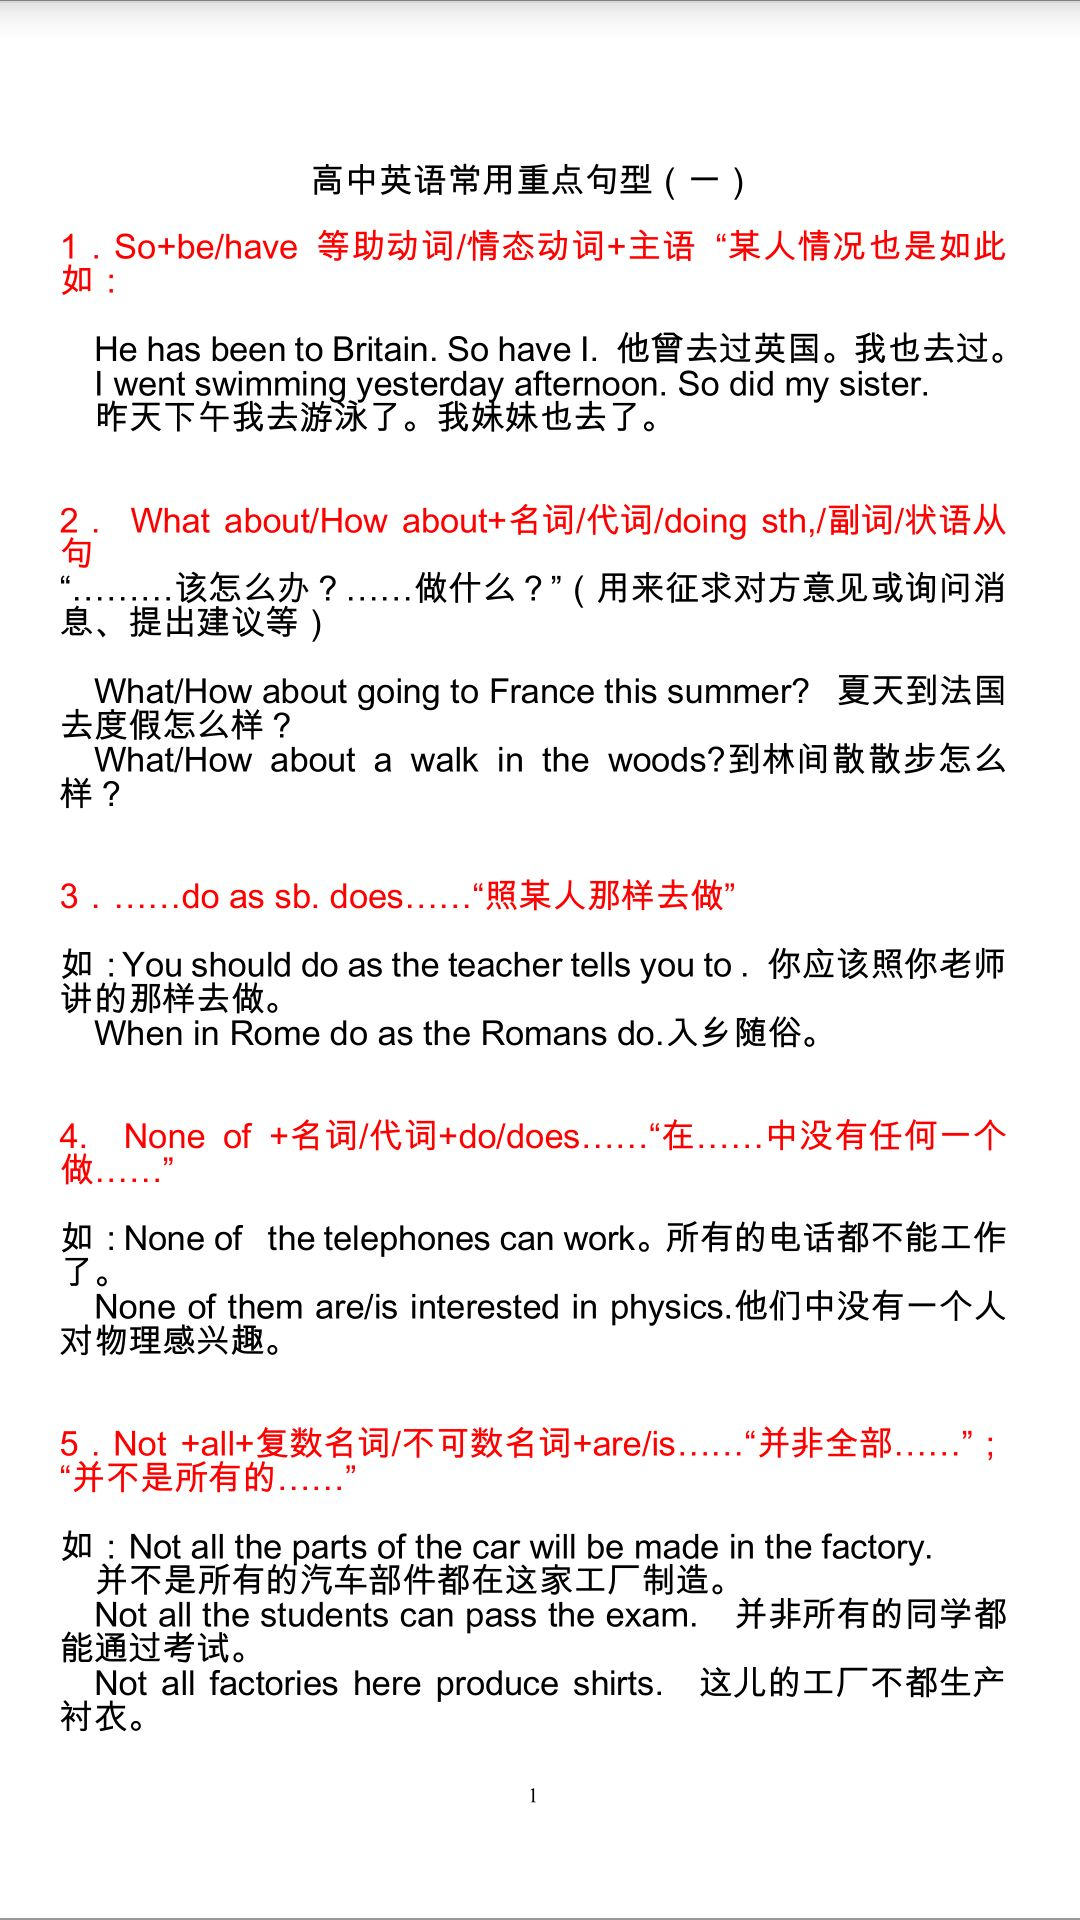 高中英语知识点归纳:高中英语句型常用重点教材语文新疆高中图片